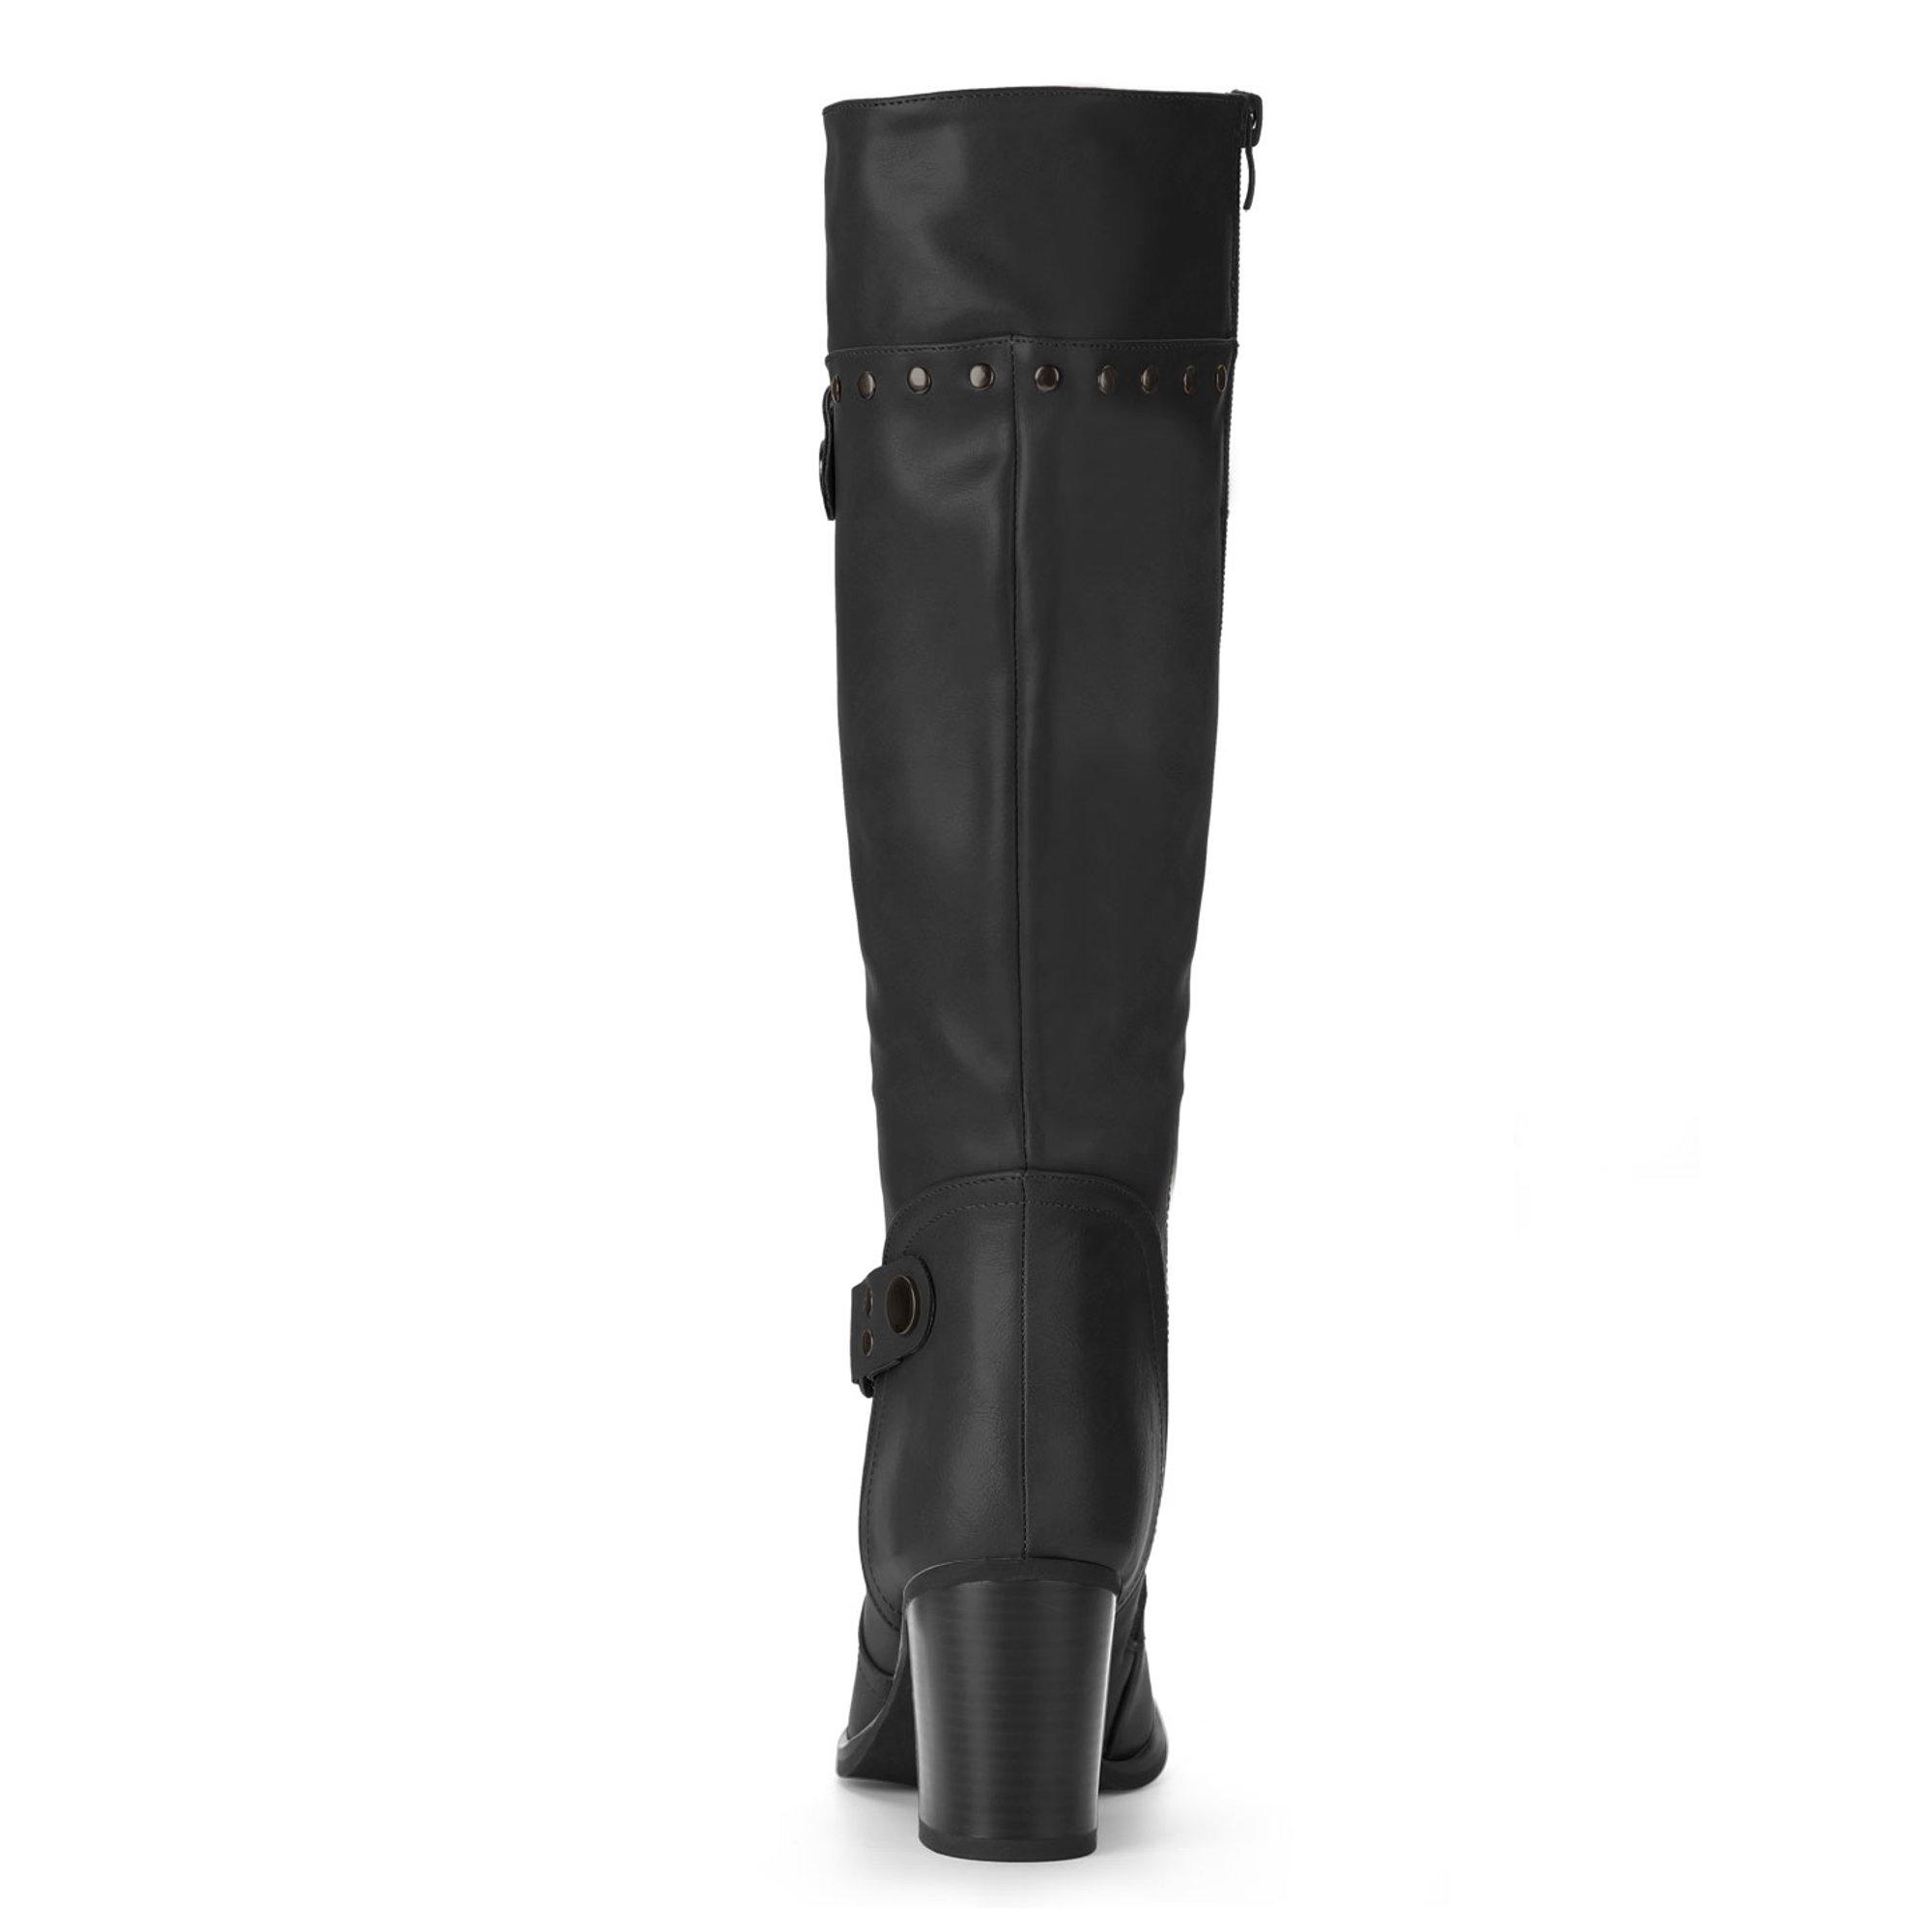 7e193e5d5d53 Unique Bargains Women s Strap Studded Decor Block Heel Riding Boots Black  (Size 6.5)